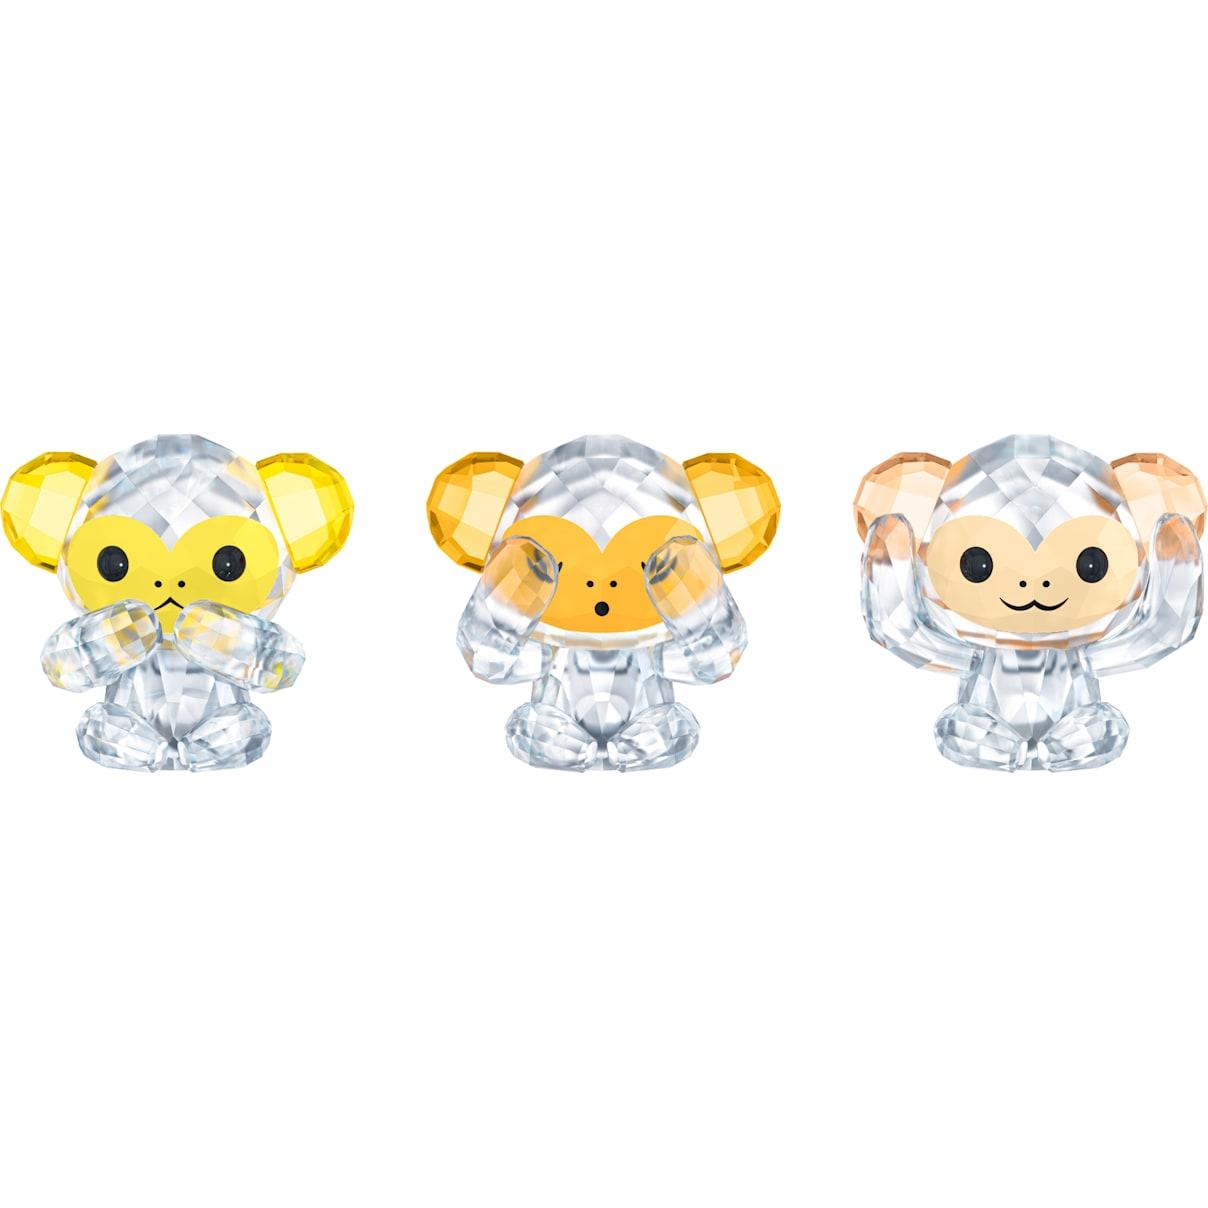 Swarovski Three Wise Monkeys